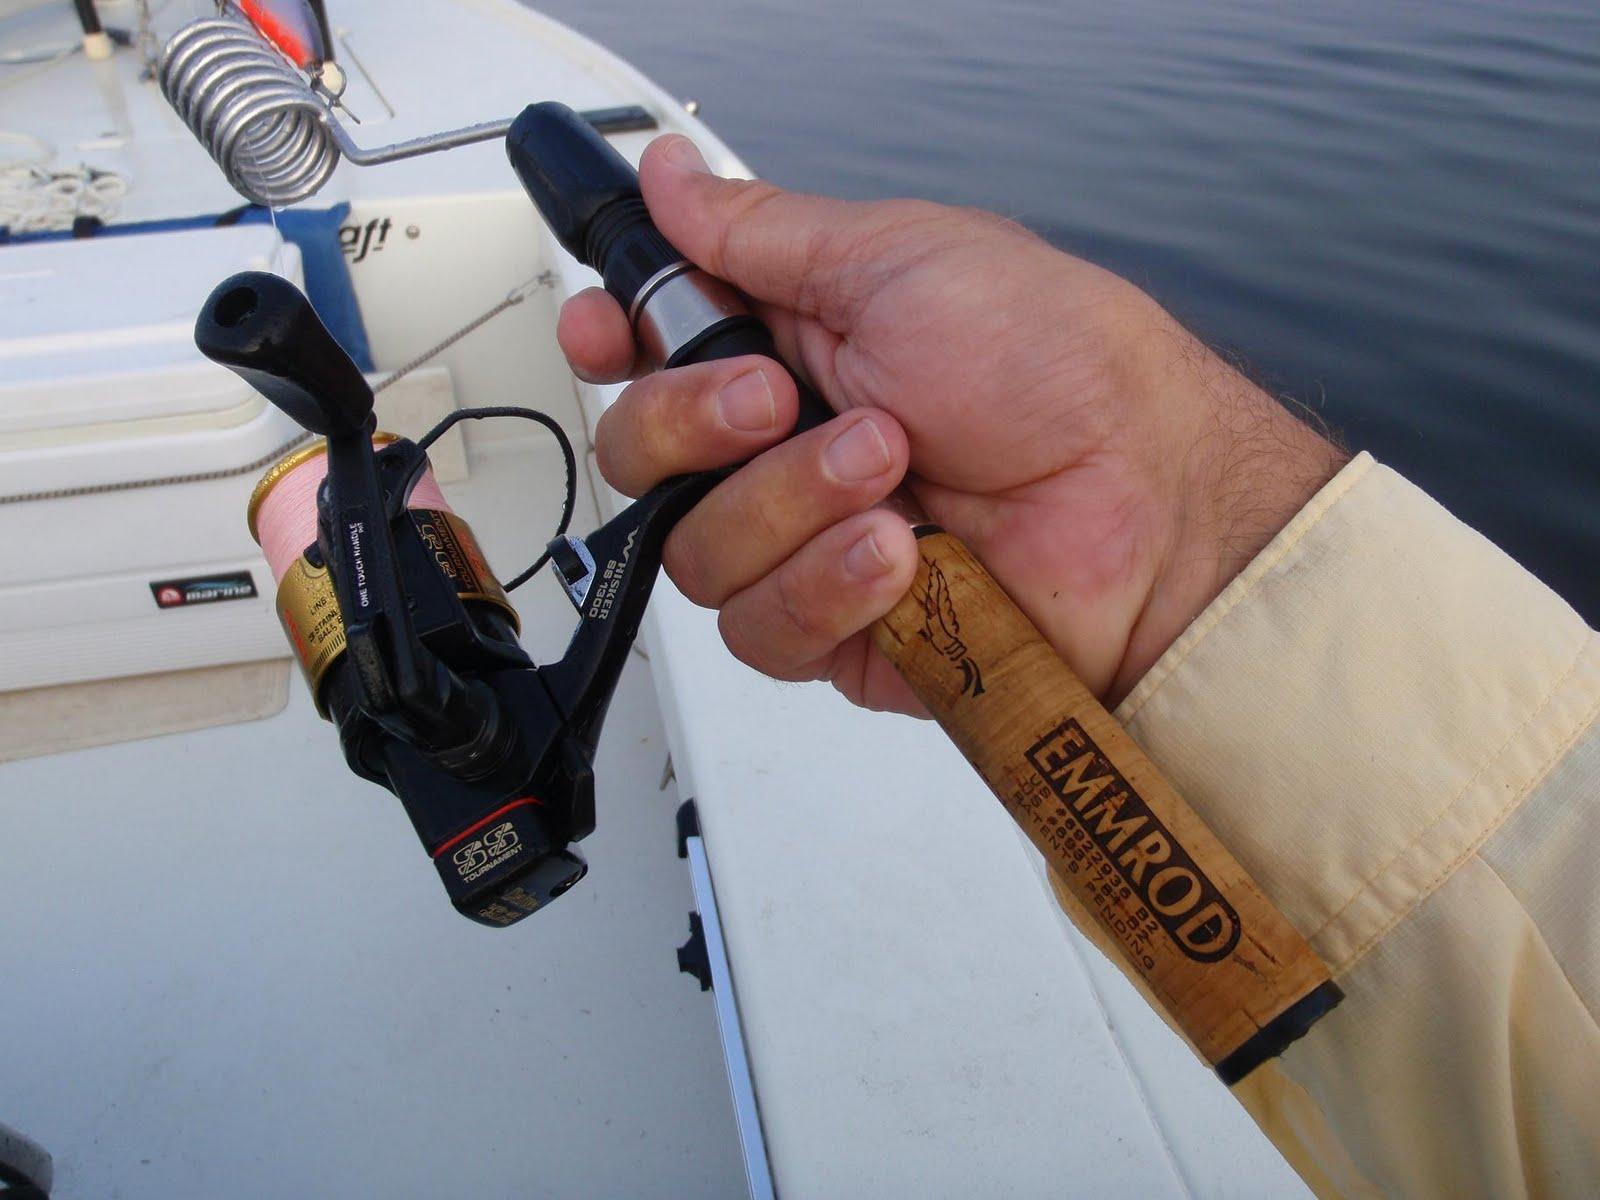 Jeff S Tackle Box Kayak Fishing Emmrod Spinning Rod